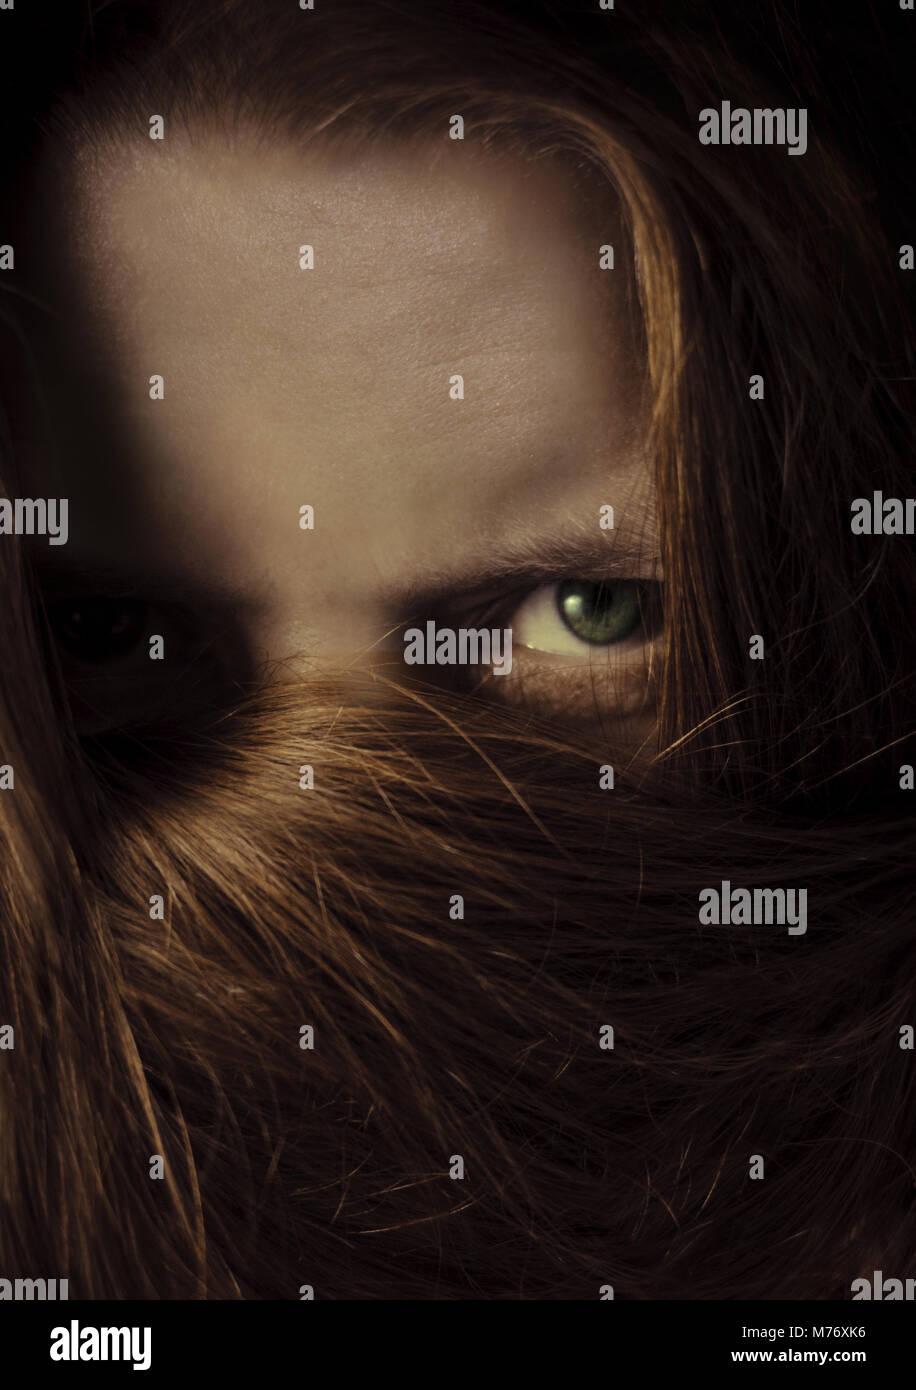 Mujer escondiéndose detrás de pelo largo con sólo ojo verde visible Imagen De Stock